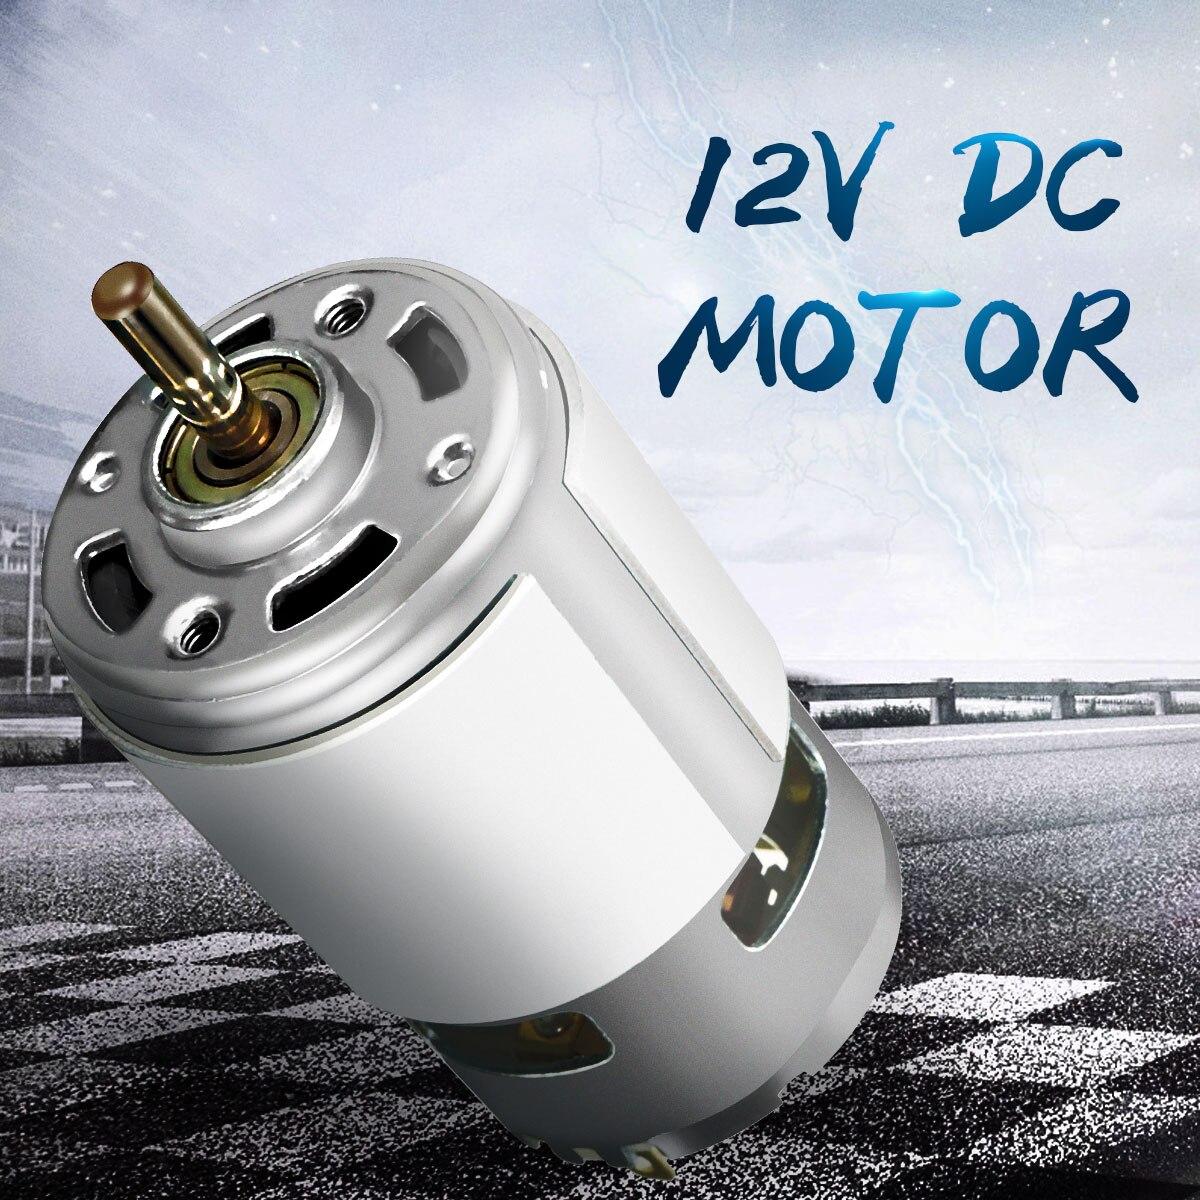 DC 12 v 100 w 1300015000 rpm 775 motor de Alta velocidade Grande torque do motor DC Elétrica ferramenta Elétrica máquinas